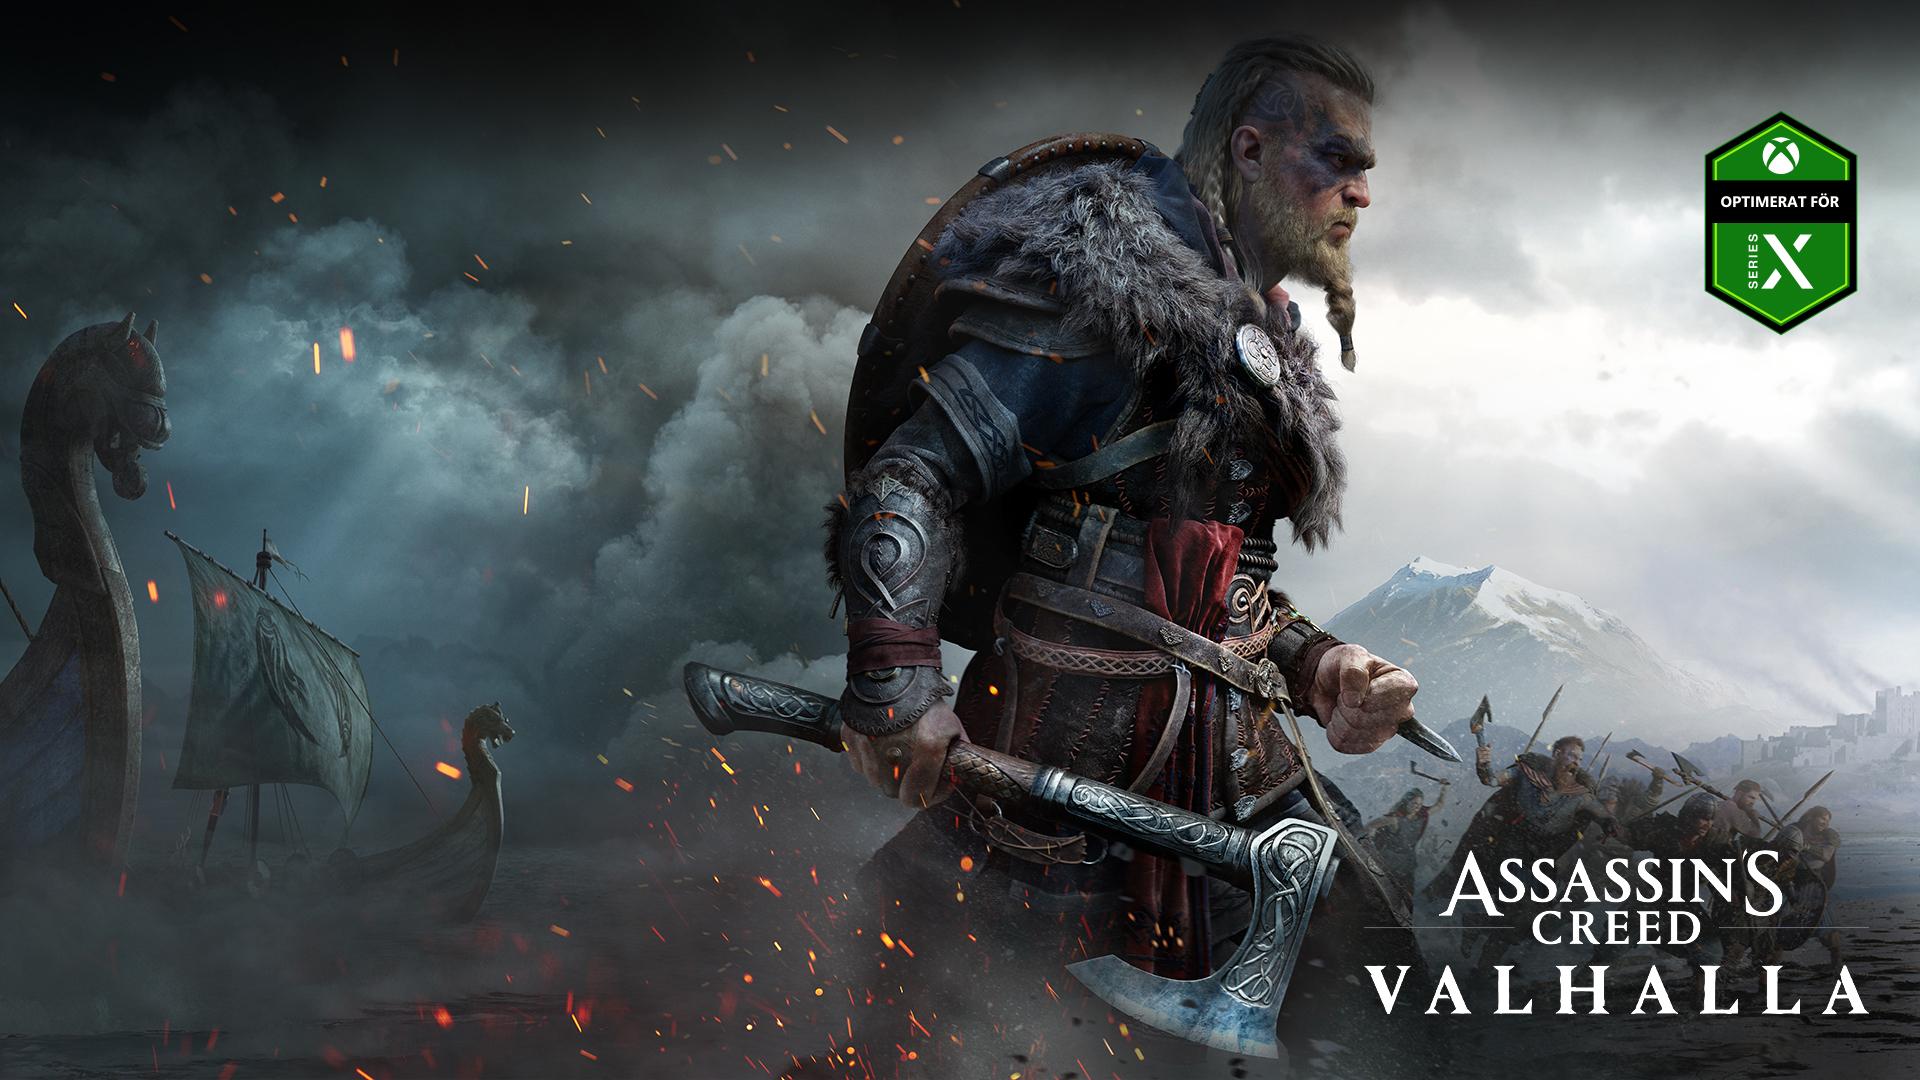 Optimerat för Xbox Series X-logotypen, Assassin's Creed Valhalla, en karaktär med en yxa, ett skepp i dimman och en strid